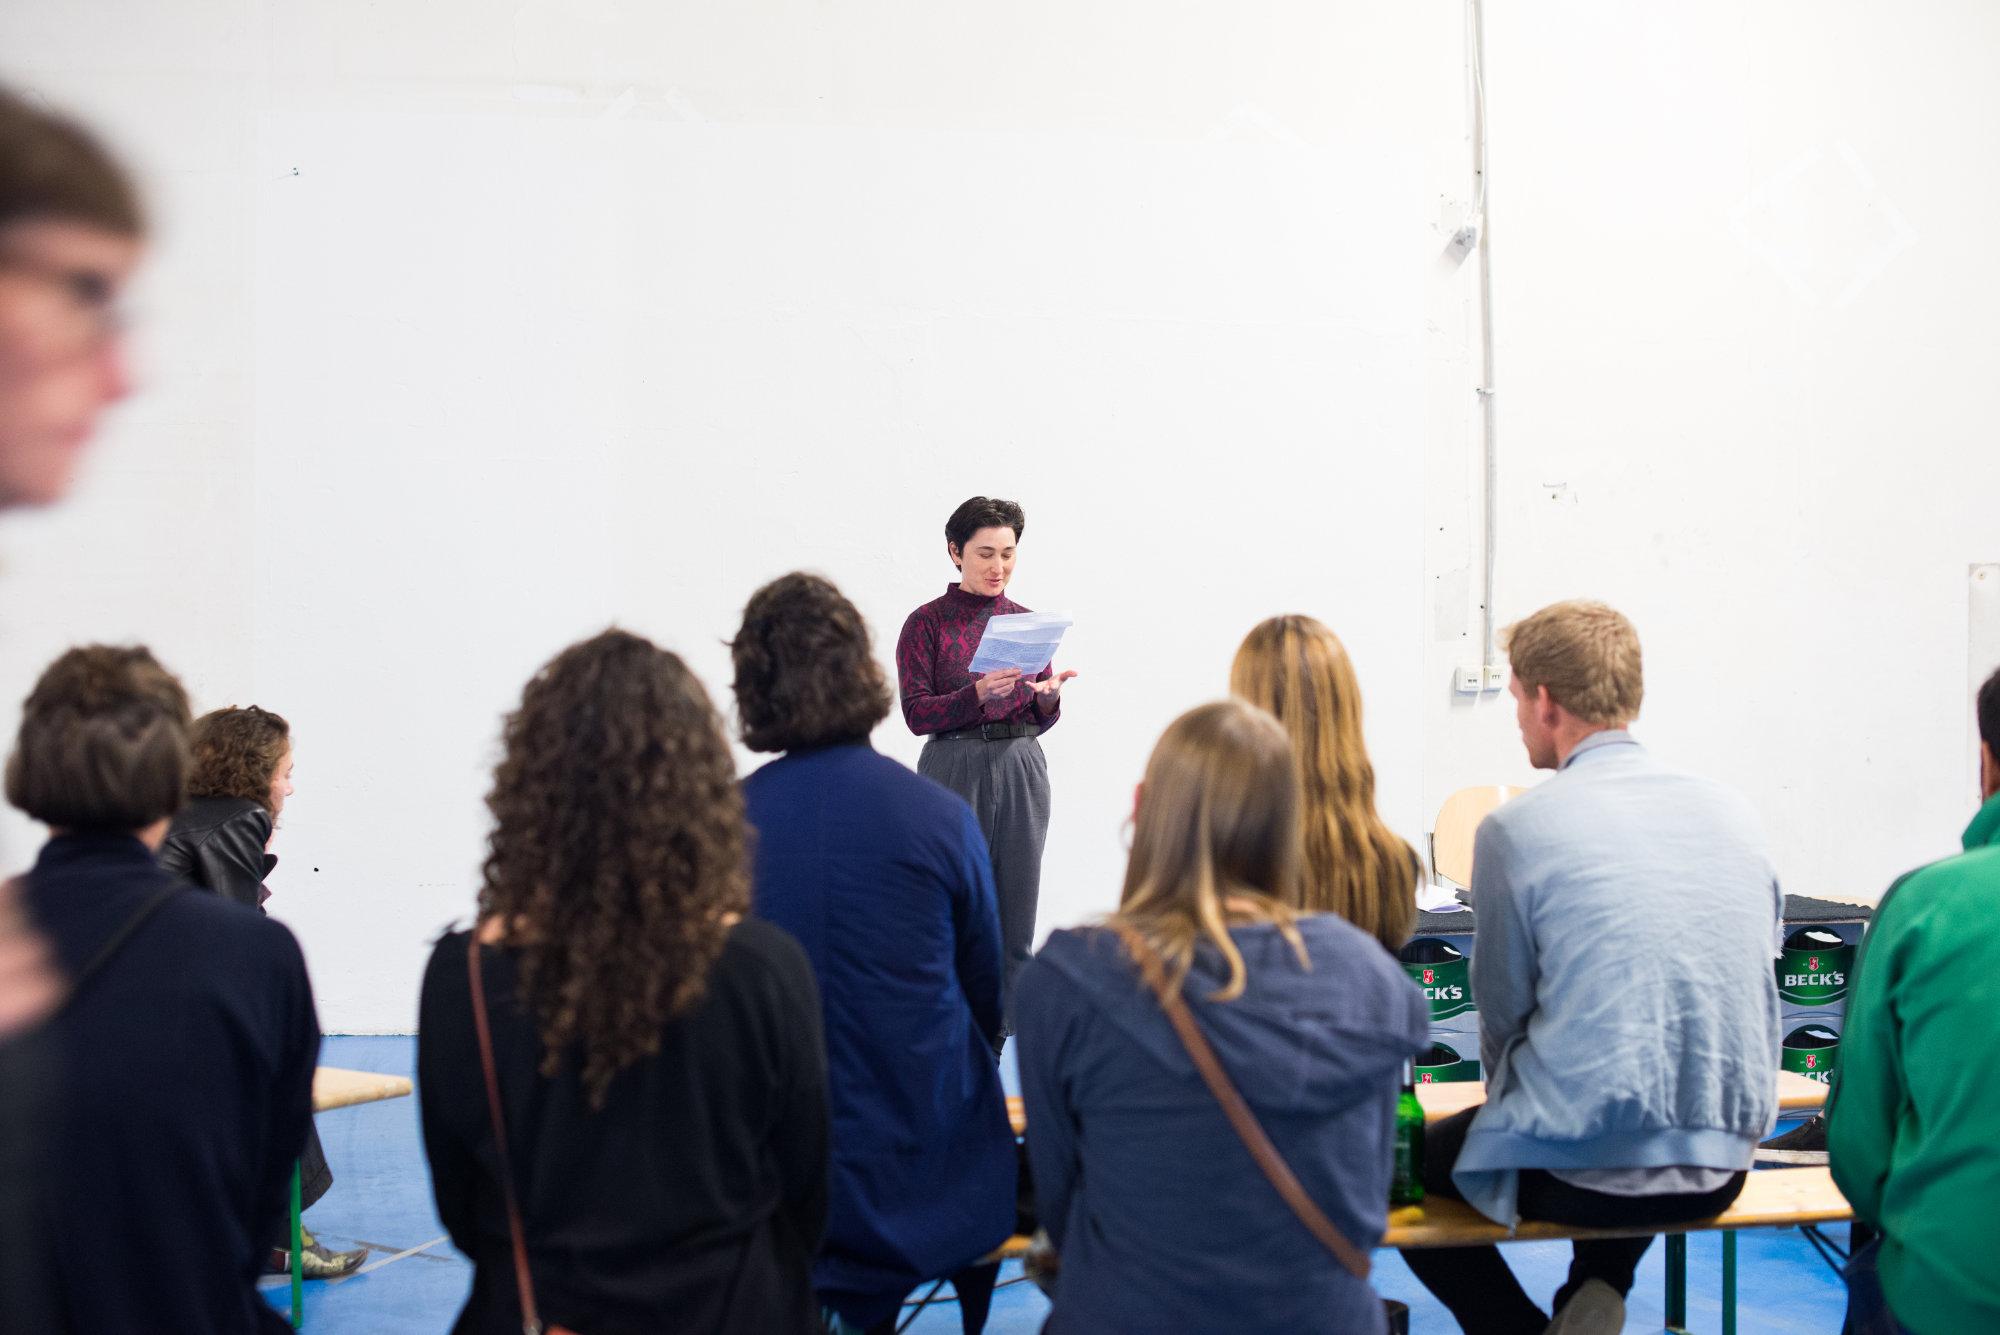 """<p><b>/Common Wages/Common People/<br /> </b><b>Lesung </b>mit den Autorinnen Aurelia Guo, Rin Johnson, Alice Miller, Darling Fitch, Hannah Gregory, Susan Finlay, Sarah Harrison und Bianca Heuser in Zusammenarbeit mit Arcadia Missa Publishing,<strong> Musik</strong> von Paul Arambula</p> <p>Eine Gruppe junger AutorInnen eröffnete über verschiedene Textformen und Genres hinweg die Frage, welche Bedeutung Gemeinschaft und Gemeingut (Englisch zusammenfassend """"Commons"""") in einem zeitgenössischen Kontext besitzen. Anstatt die Antwort in einem einfachen """"Common Ground"""" zu suchen, näherten sich den """"Commons"""" von unterschiedlichen Perspektiven aus und dachten dabei über individuelle Erfahrungen oder kulturelle Zusammenhänge nach.</p>"""